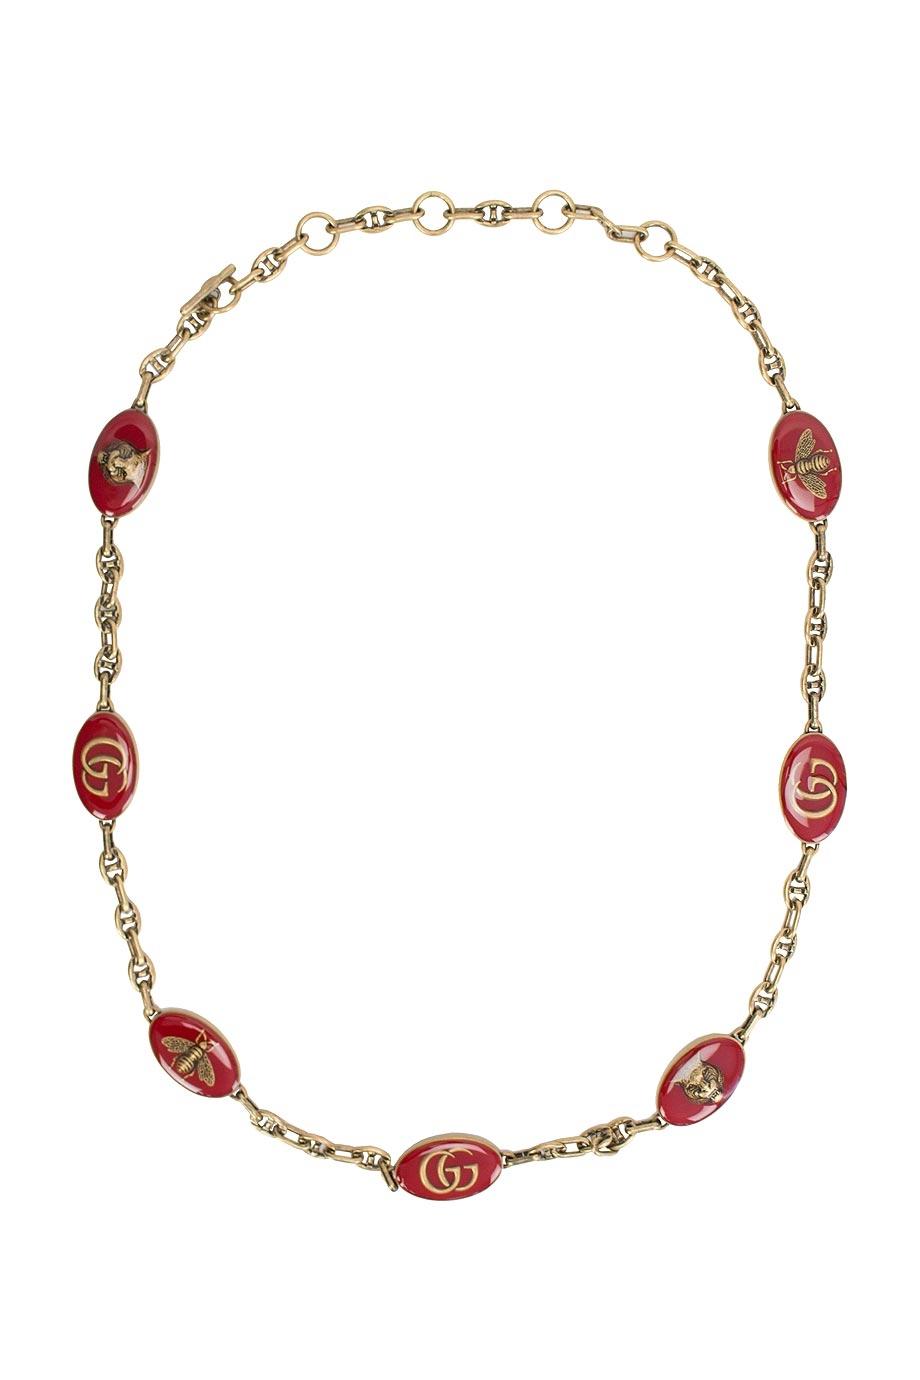 Gucci cintura collana metallo dorato 524108